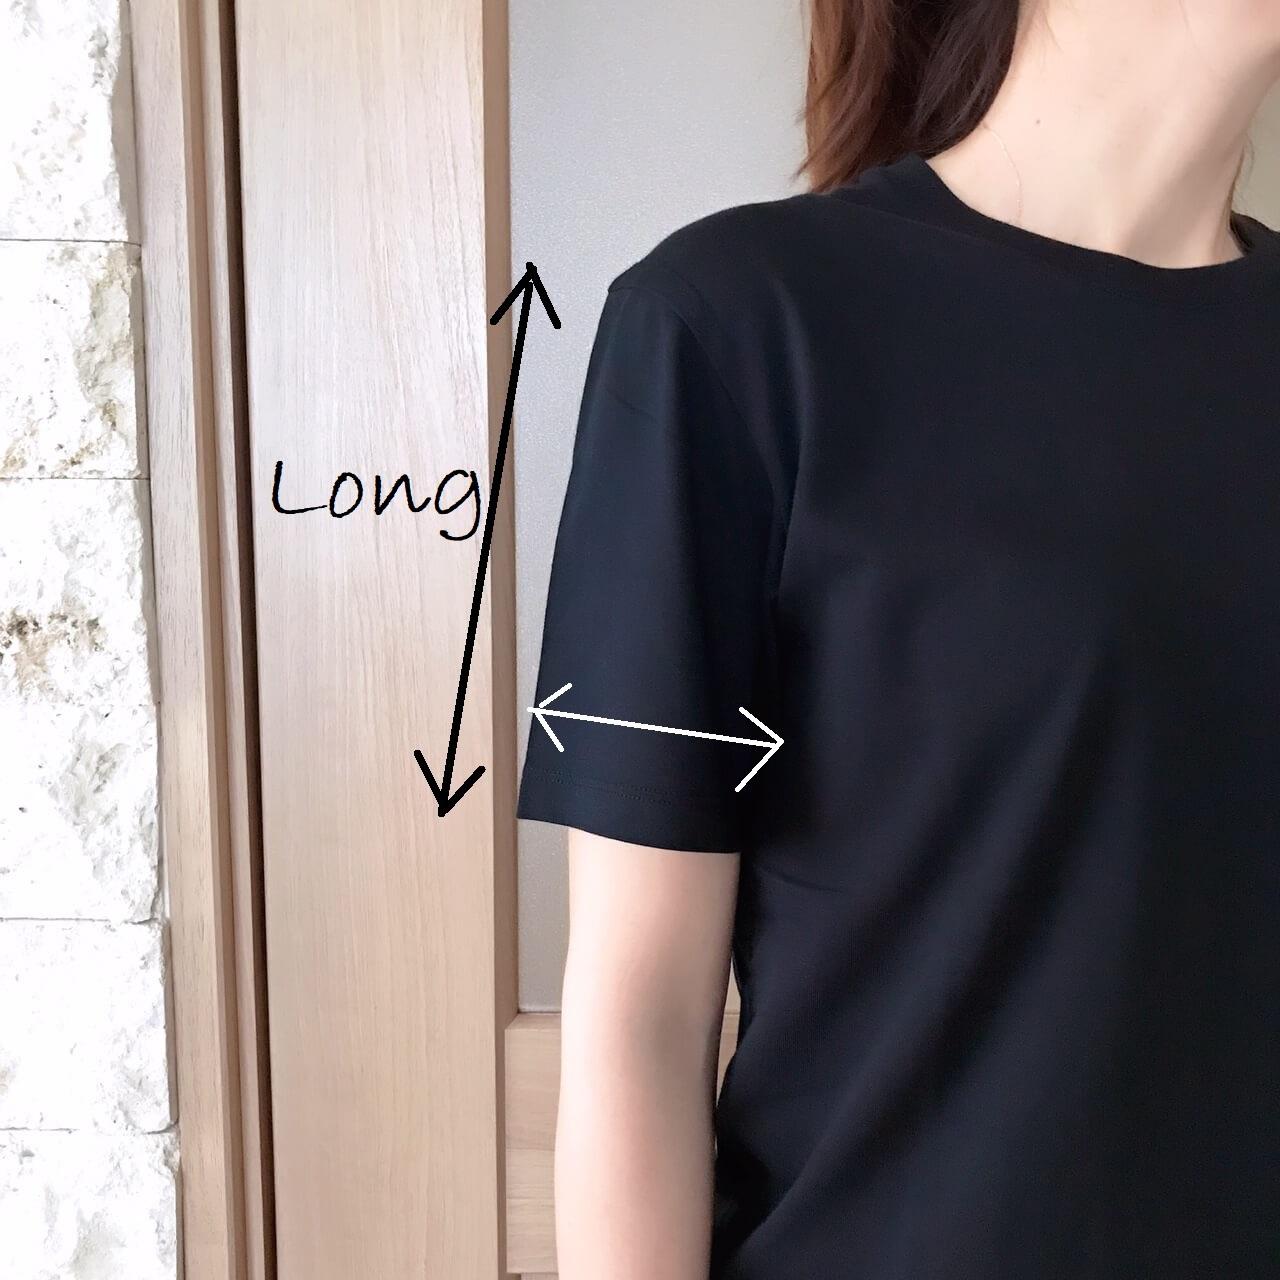 ユニクロメンズTシャツ着画